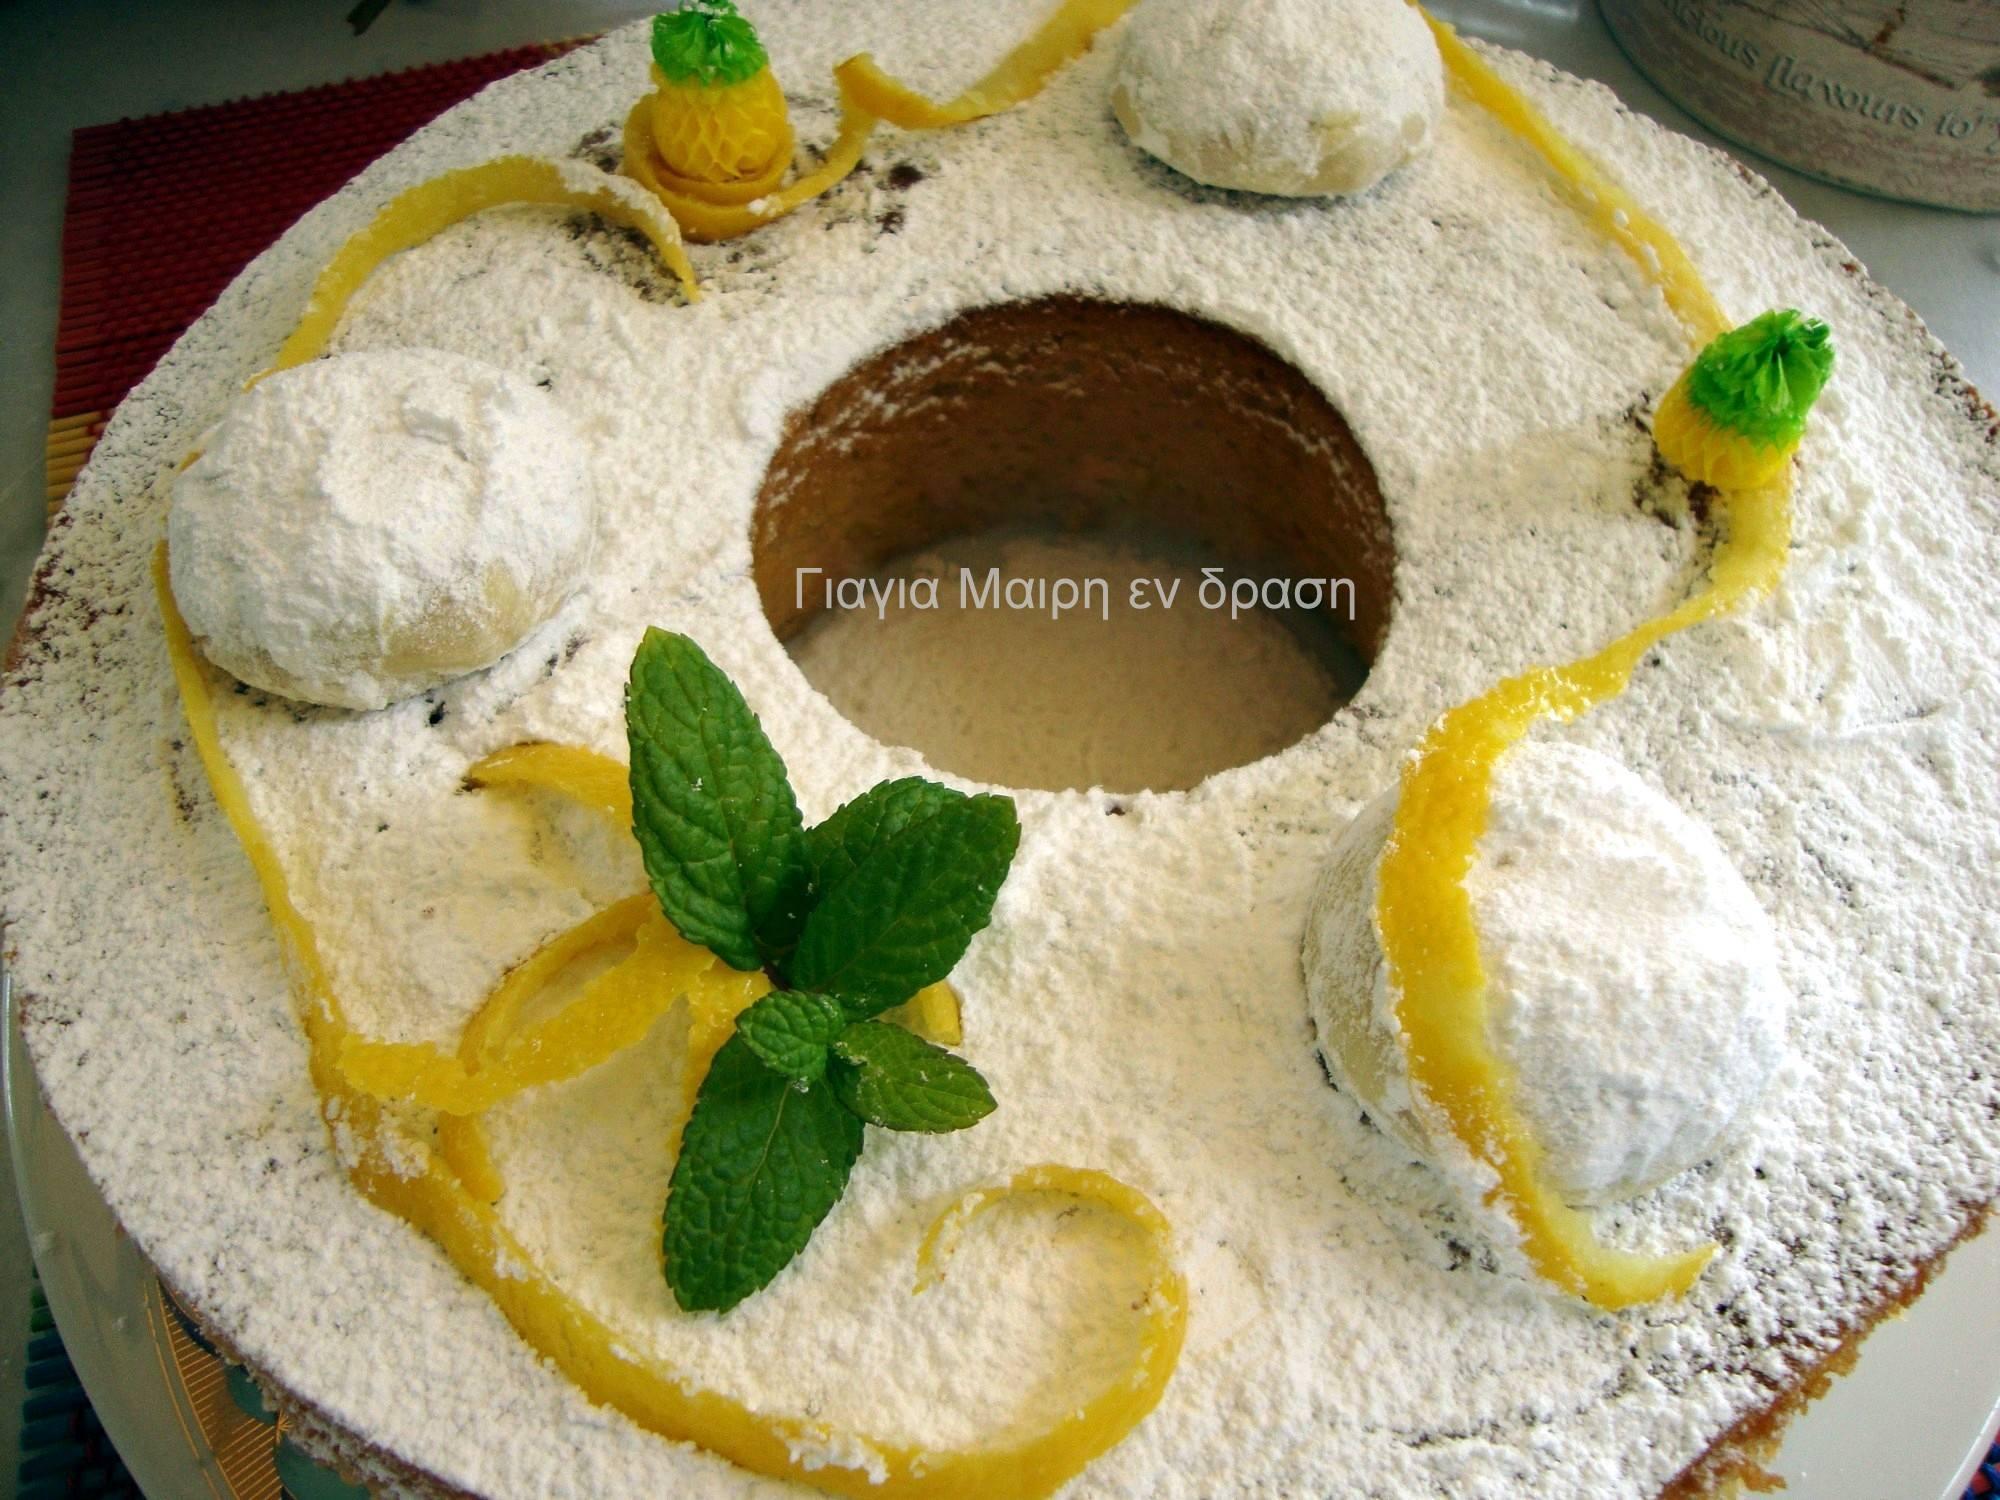 Σας περίσσεψαν κουραμπιέδες; Φτιάξτε Κέικ κουραμπιέ με άρωμα λεμονιού